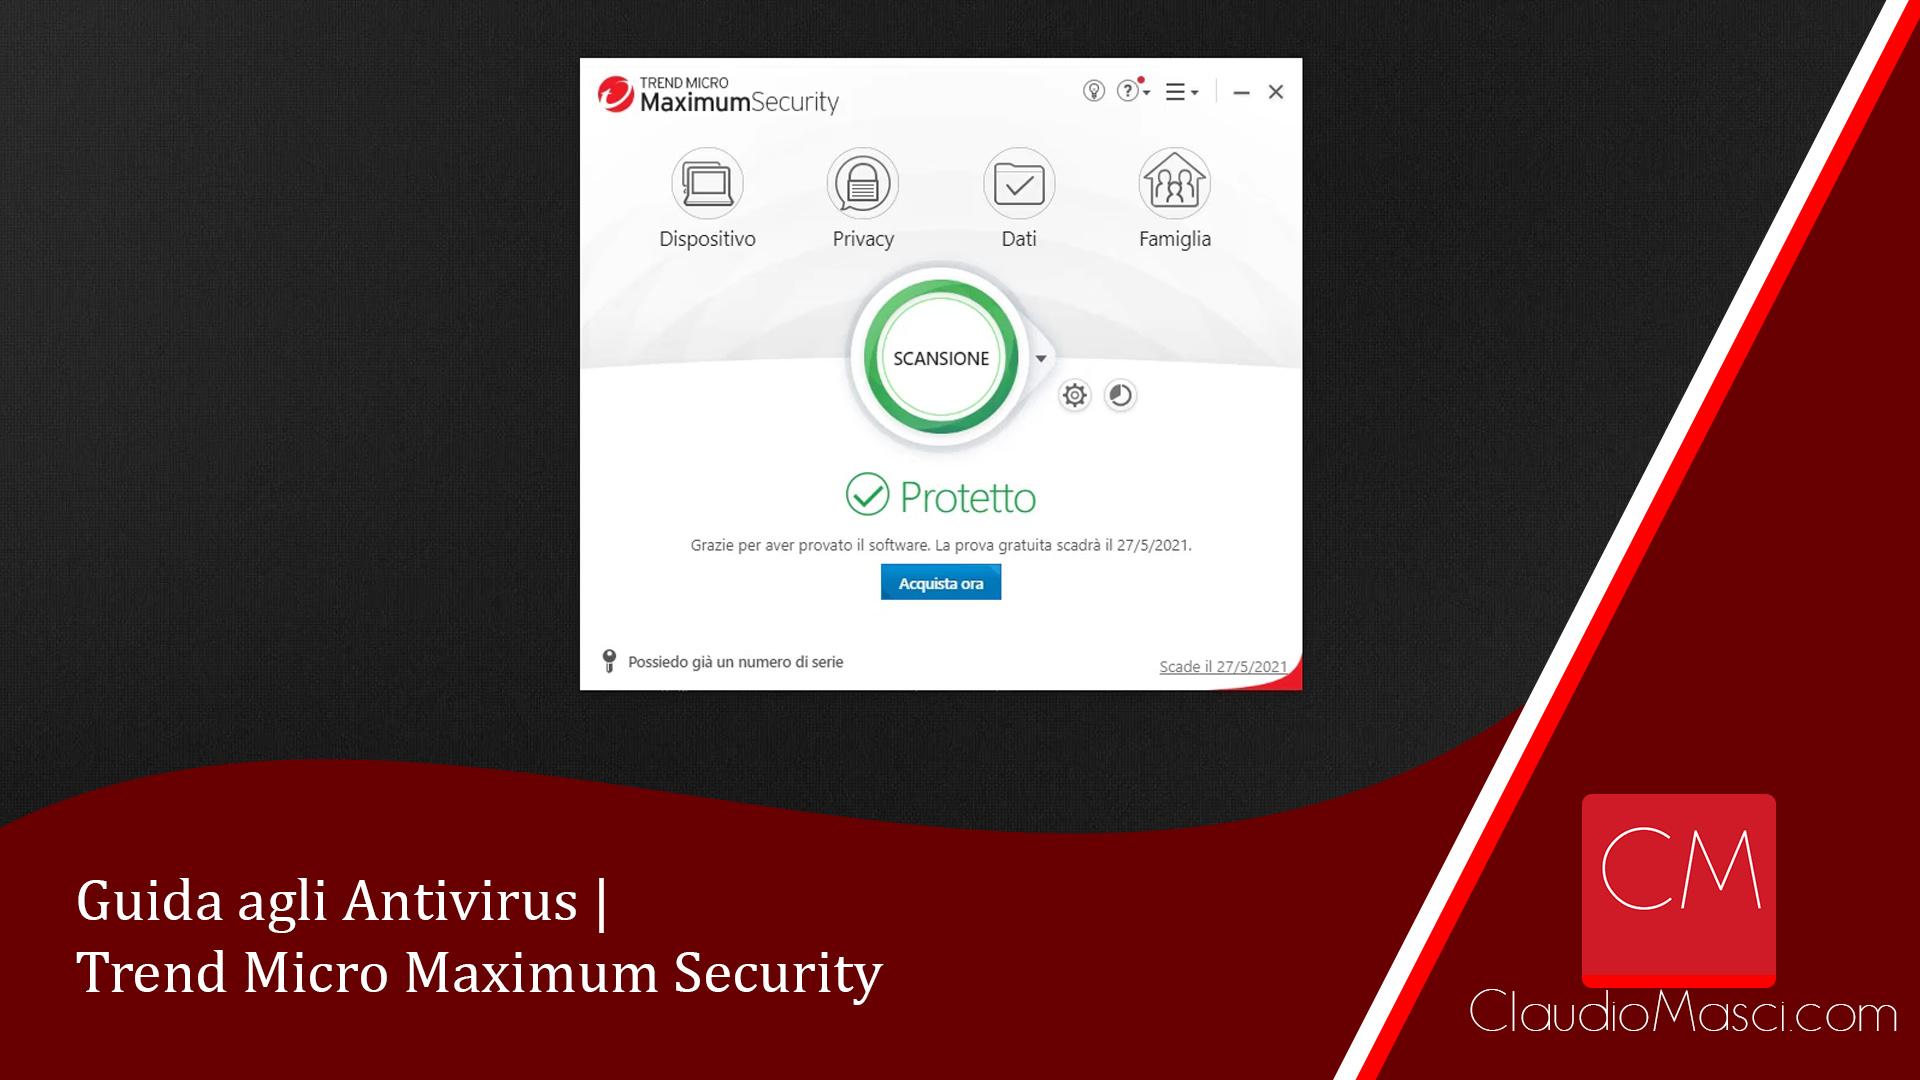 Guida agli Antivirus | Trend Micro Maximum Security